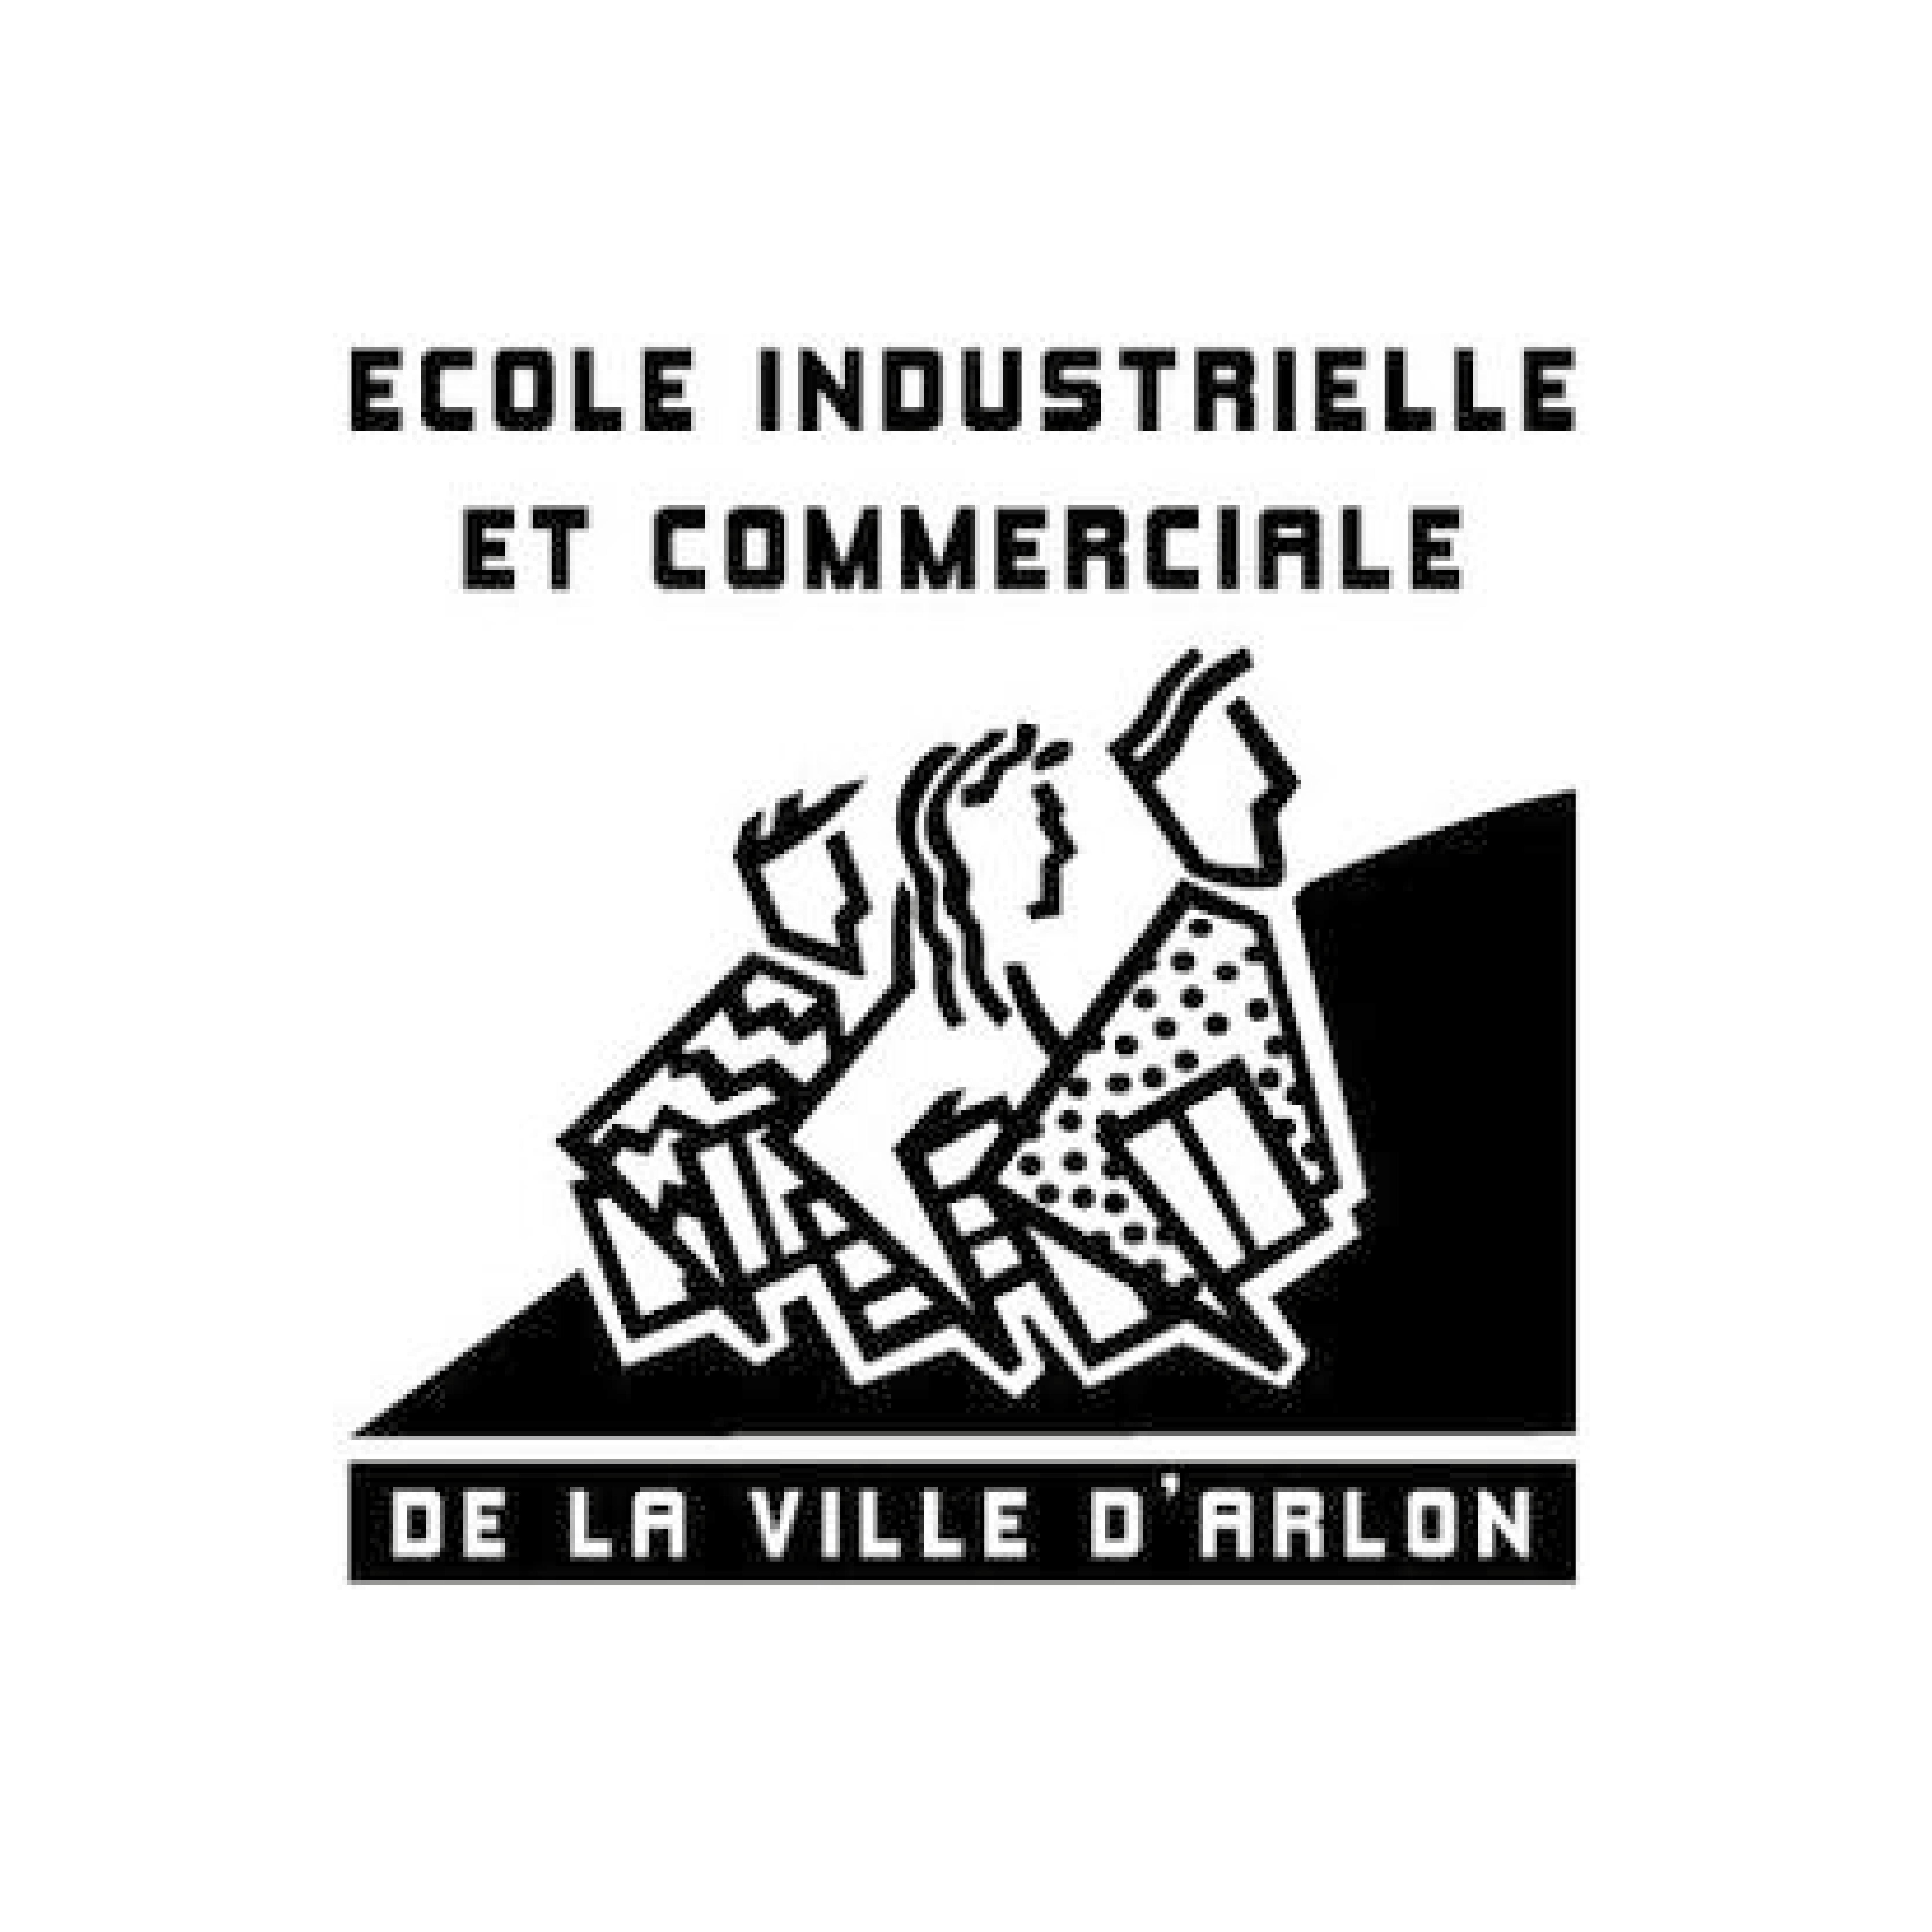 ecole industrielle et commerciale darlon p244le acad233mique